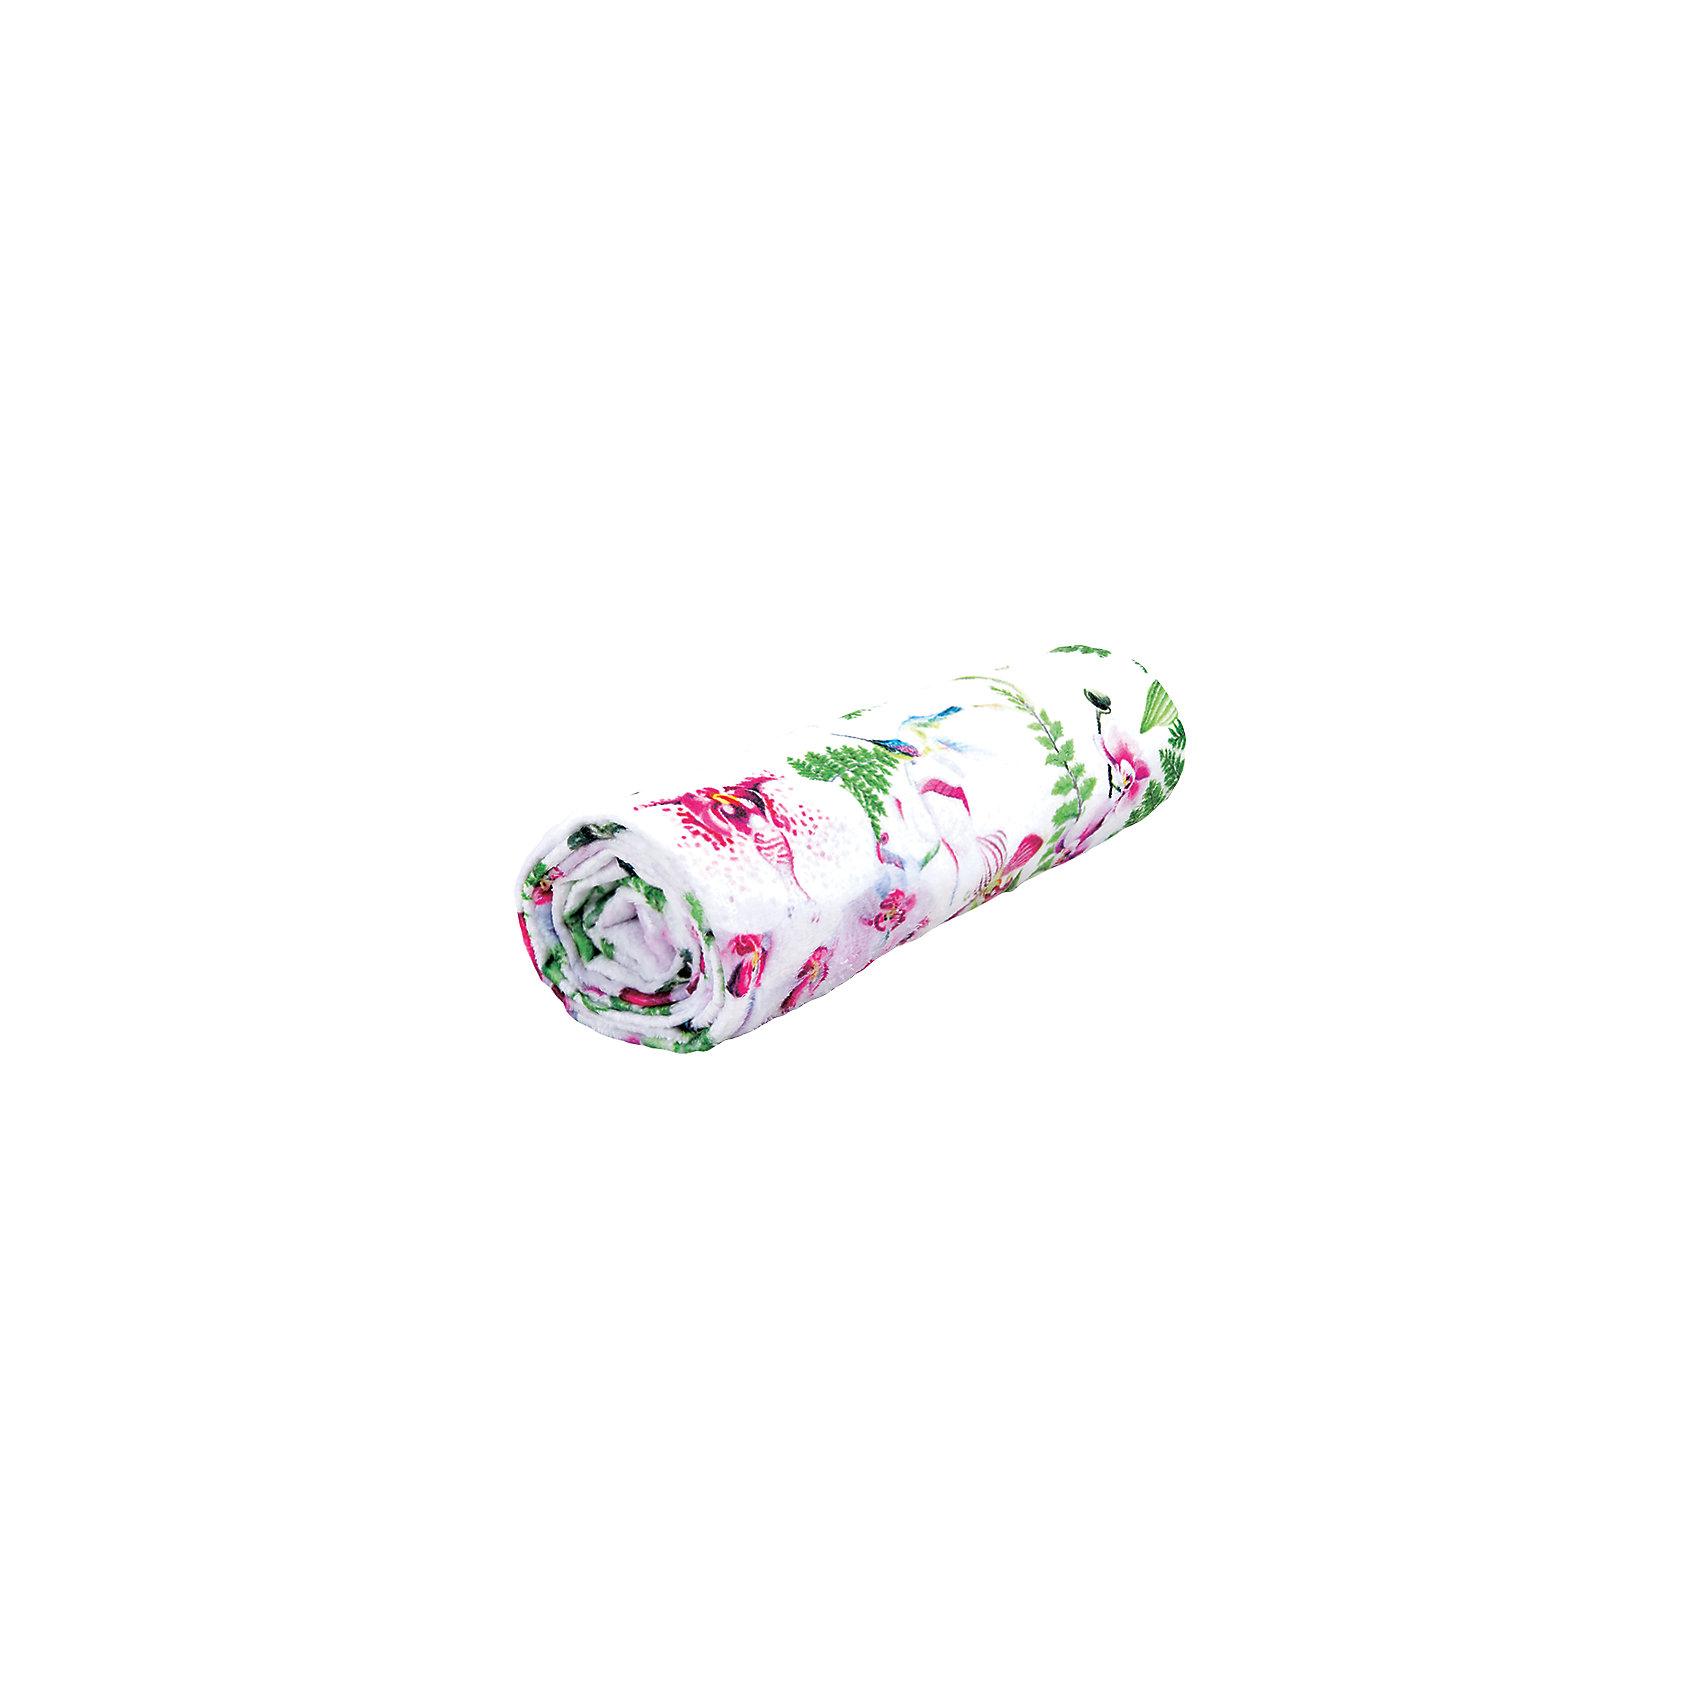 Полотенце «Orhid» 70*140 хлопок велюр, Mona LizaВанная комната<br>Характеристики:<br><br>• материал: махра<br>• состав: 70% хлопок, 30% велюр<br>• размер полотенца: 70х140 см<br>• размер упаковки: 37х1х25 см<br>• вес: 350 грамм<br><br>Полотенце Orhid изготовлено из мягкой ткани, приятной телу. К тому же, она быстро впитывает влагу, обеспечивая сухость и комфорт при использовании. Полотенце подойдет как для домашнего использования, так и для пляжа. Изделие декорировано ярким принтом с изображением цветков орхидеи и птичек колибри.<br><br>Полотенце «Orhid» 70*140 хлопок велюр, Mona Liza (Мона Лиза) вы можете купить в нашем интернет-магазине.<br><br>Ширина мм: 250<br>Глубина мм: 10<br>Высота мм: 370<br>Вес г: 350<br>Возраст от месяцев: 84<br>Возраст до месяцев: 600<br>Пол: Унисекс<br>Возраст: Детский<br>SKU: 6765282